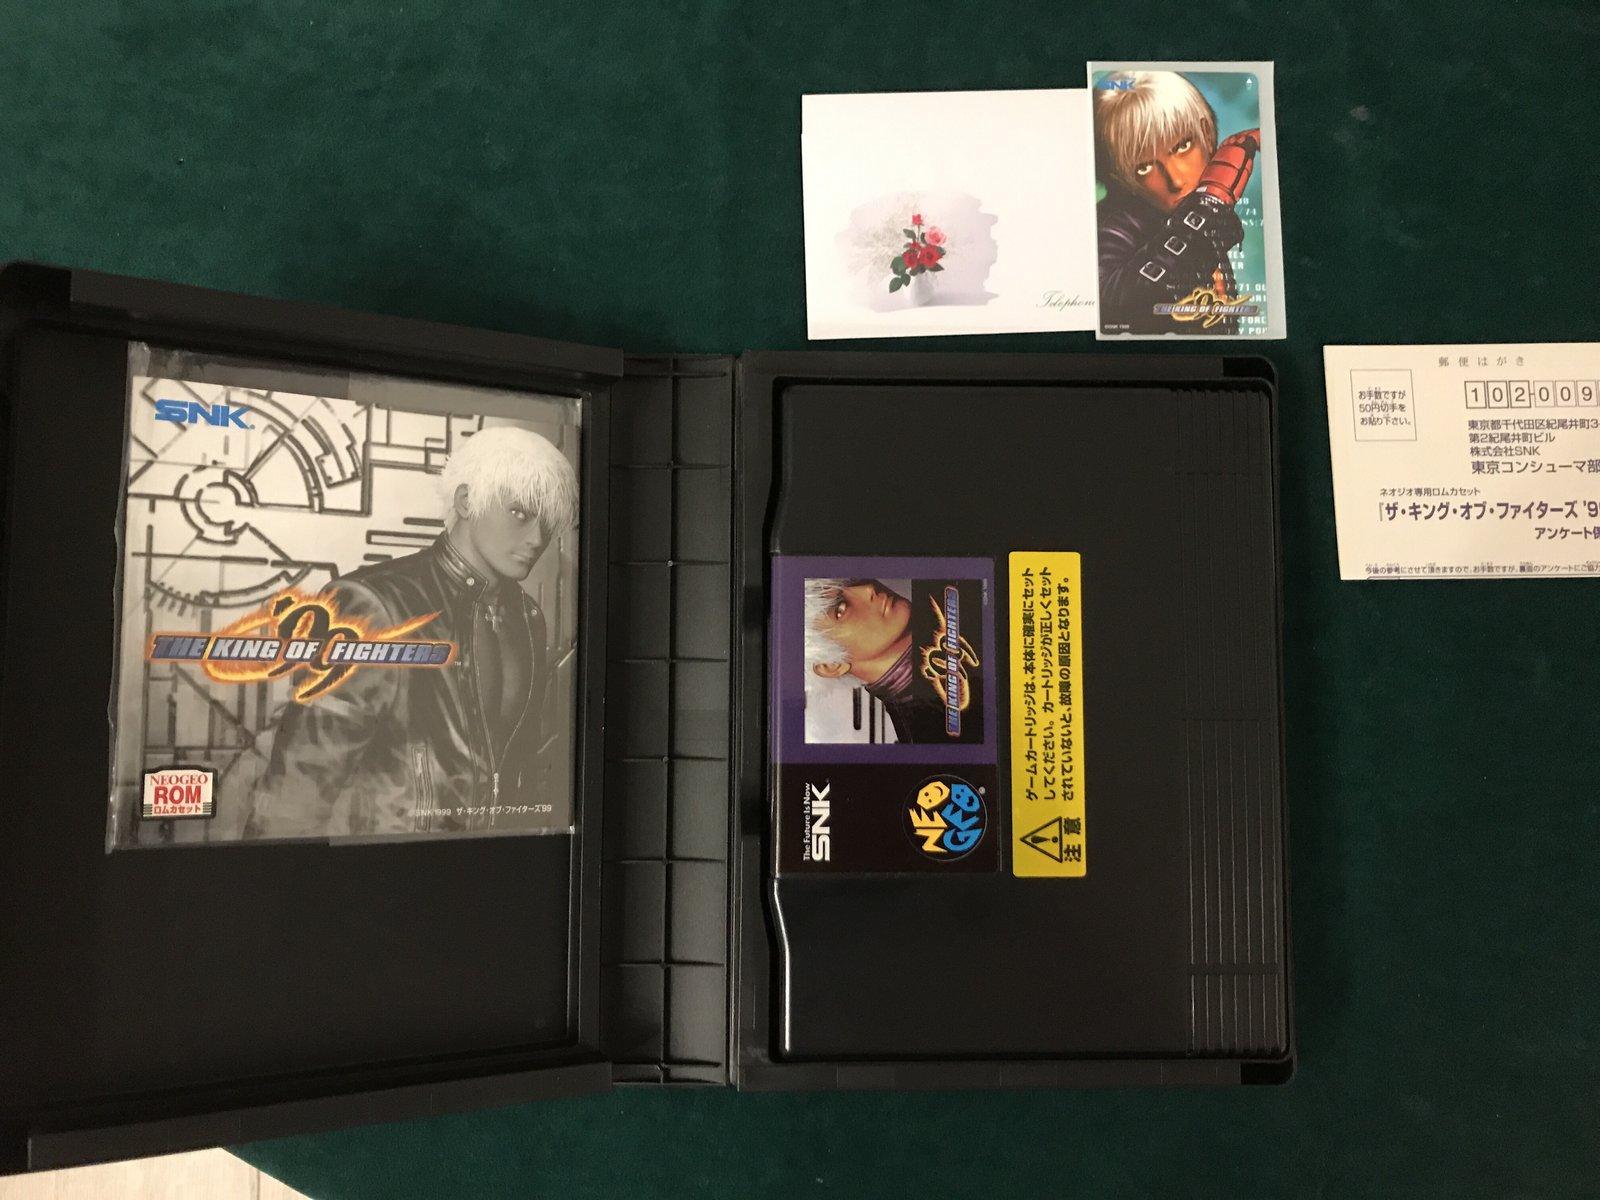 [VDS] Jeux NeoGeo AES (version jap) [VDS] SNK AES >>>>baisse de prix 201010120622837403